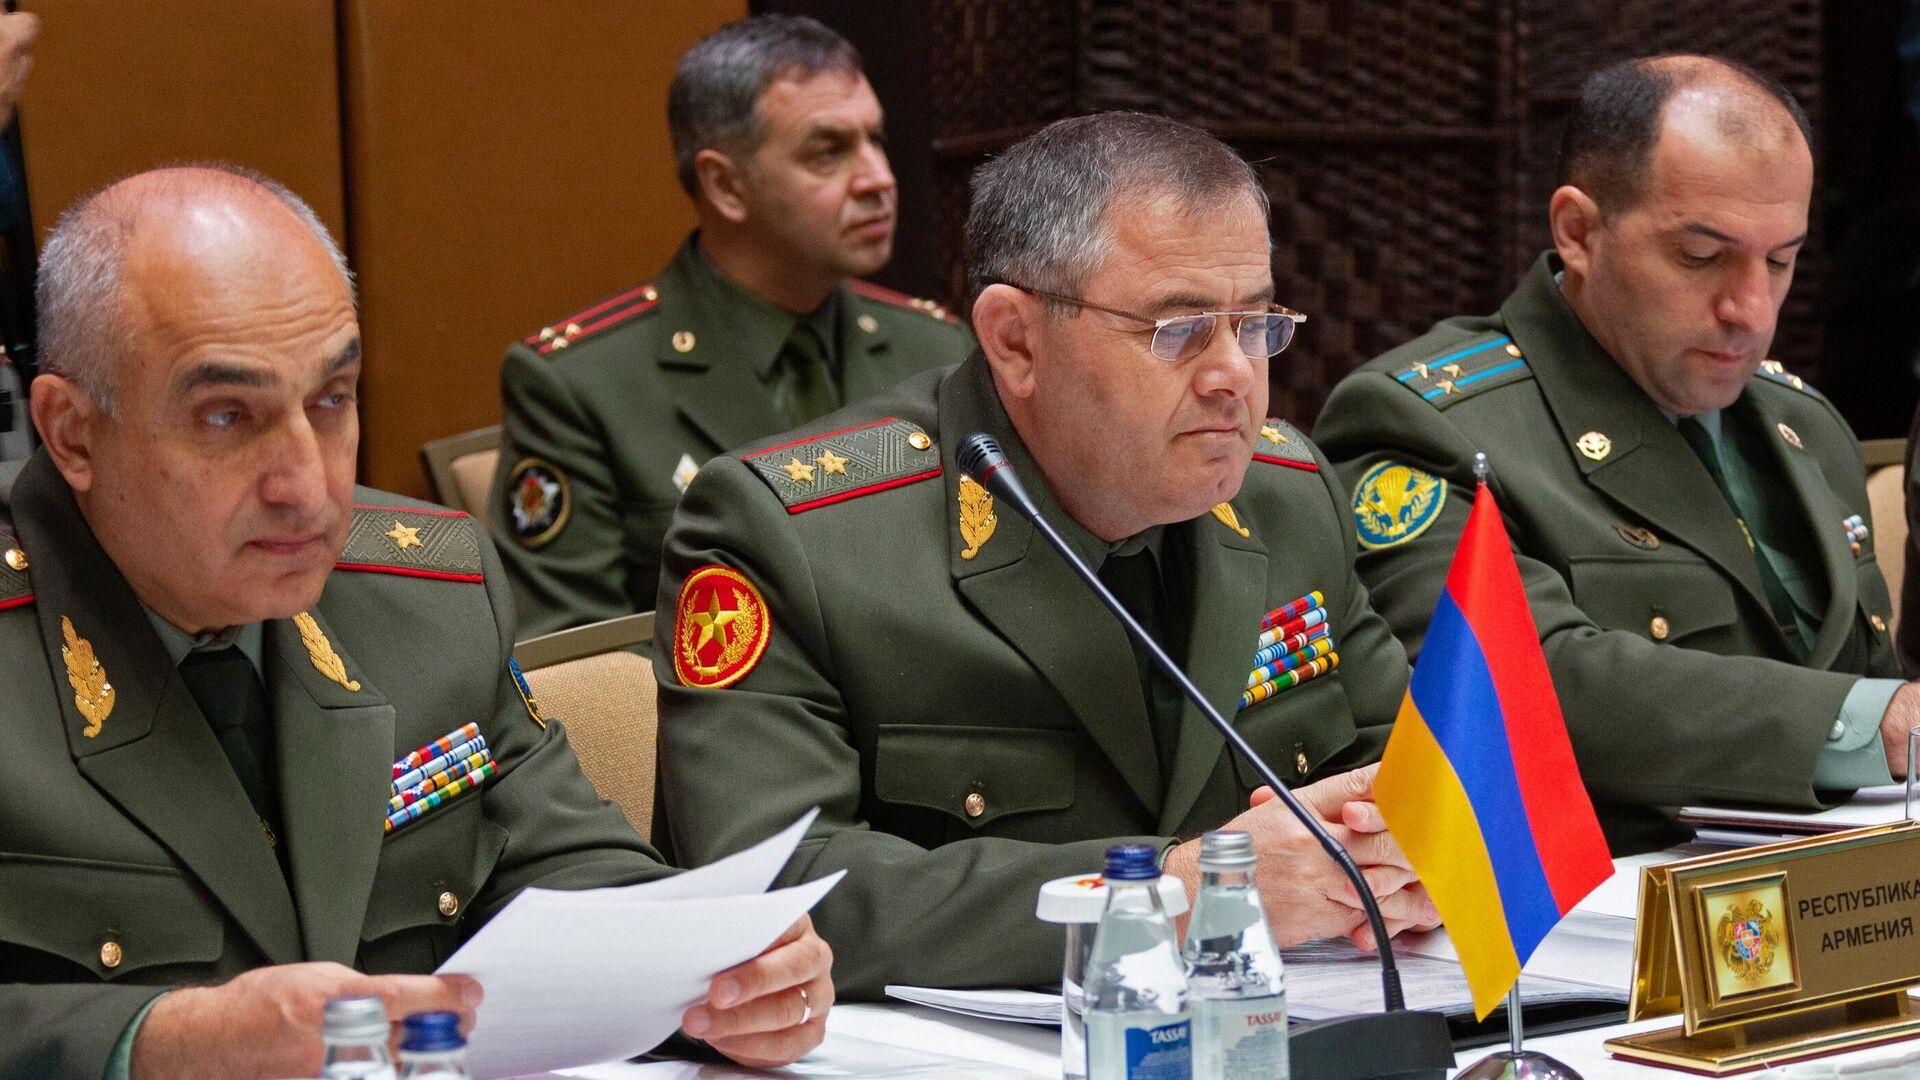 Artak Davtián, уl nuevo jefe del Estado Mayor General de las FFAA de Armenia (centro) - Sputnik Mundo, 1920, 22.03.2021